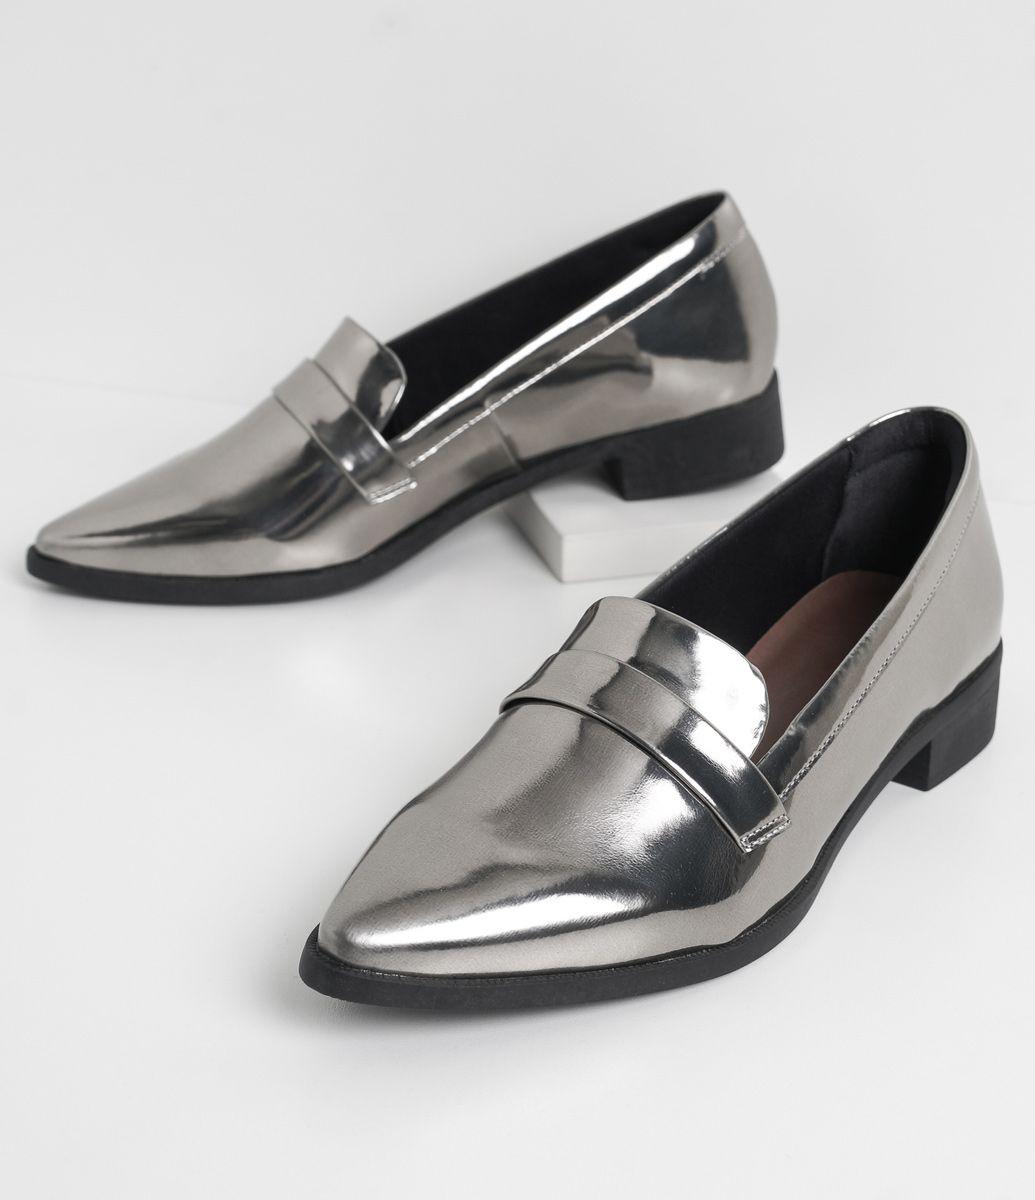 3f87b60c2 Sapato feminino Metalizado Marca: Satinato Material: sintético COLEÇÃO  INVERNO 2016 Veja outras opções de sapatos femininos.